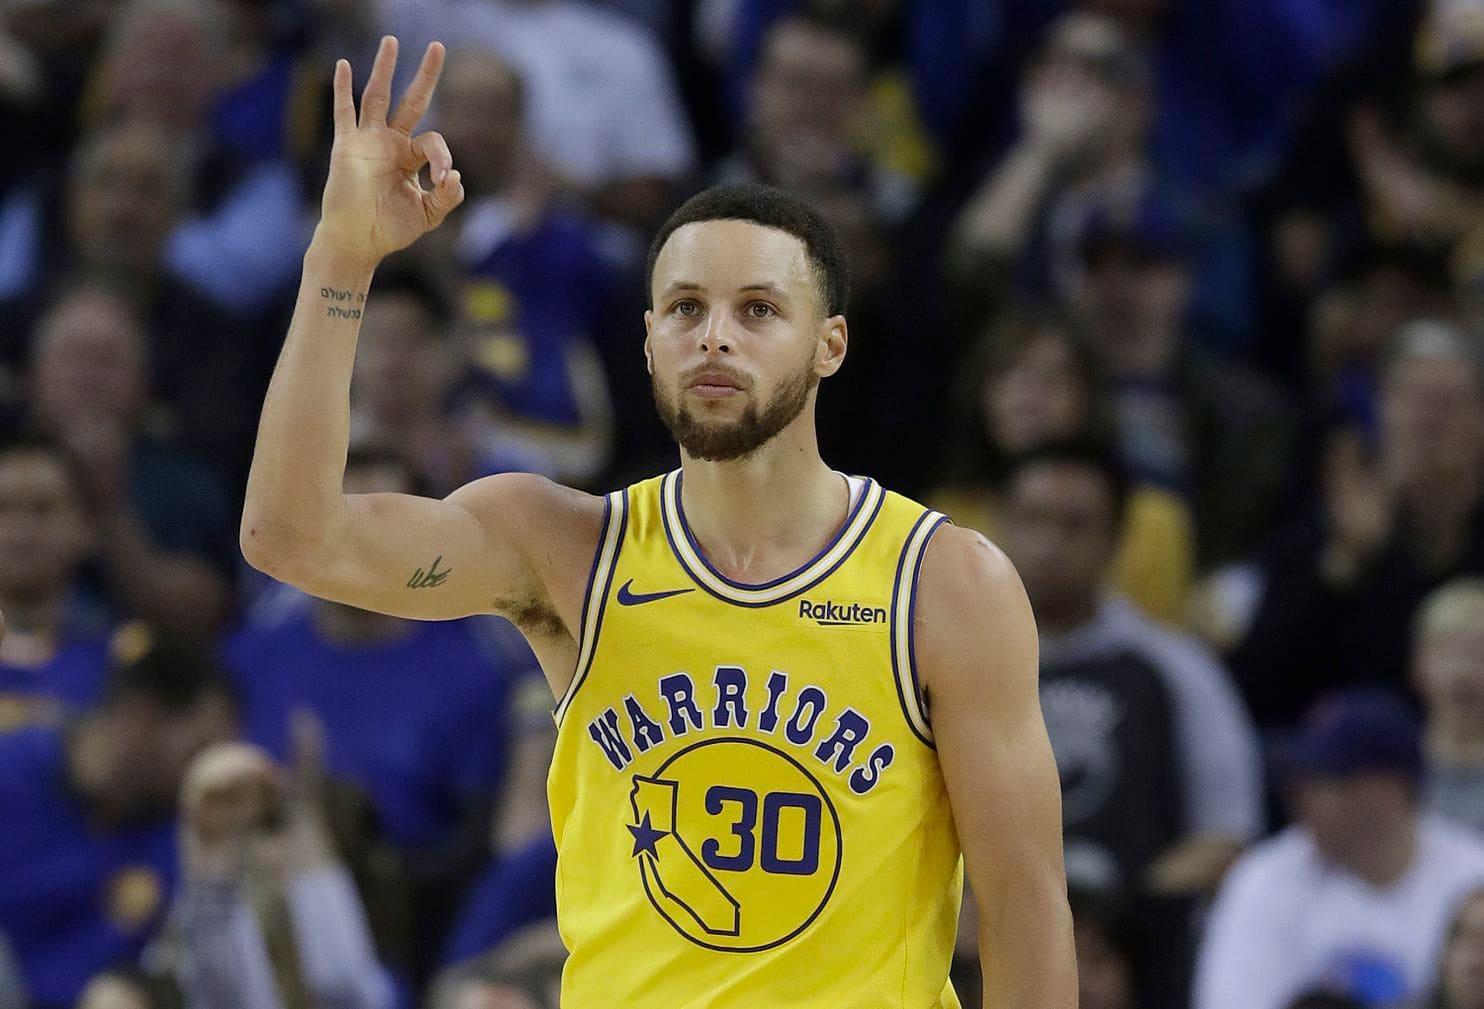 بسکتبال-لبران جیمز-کلی تامپسون-Basketball-NBA